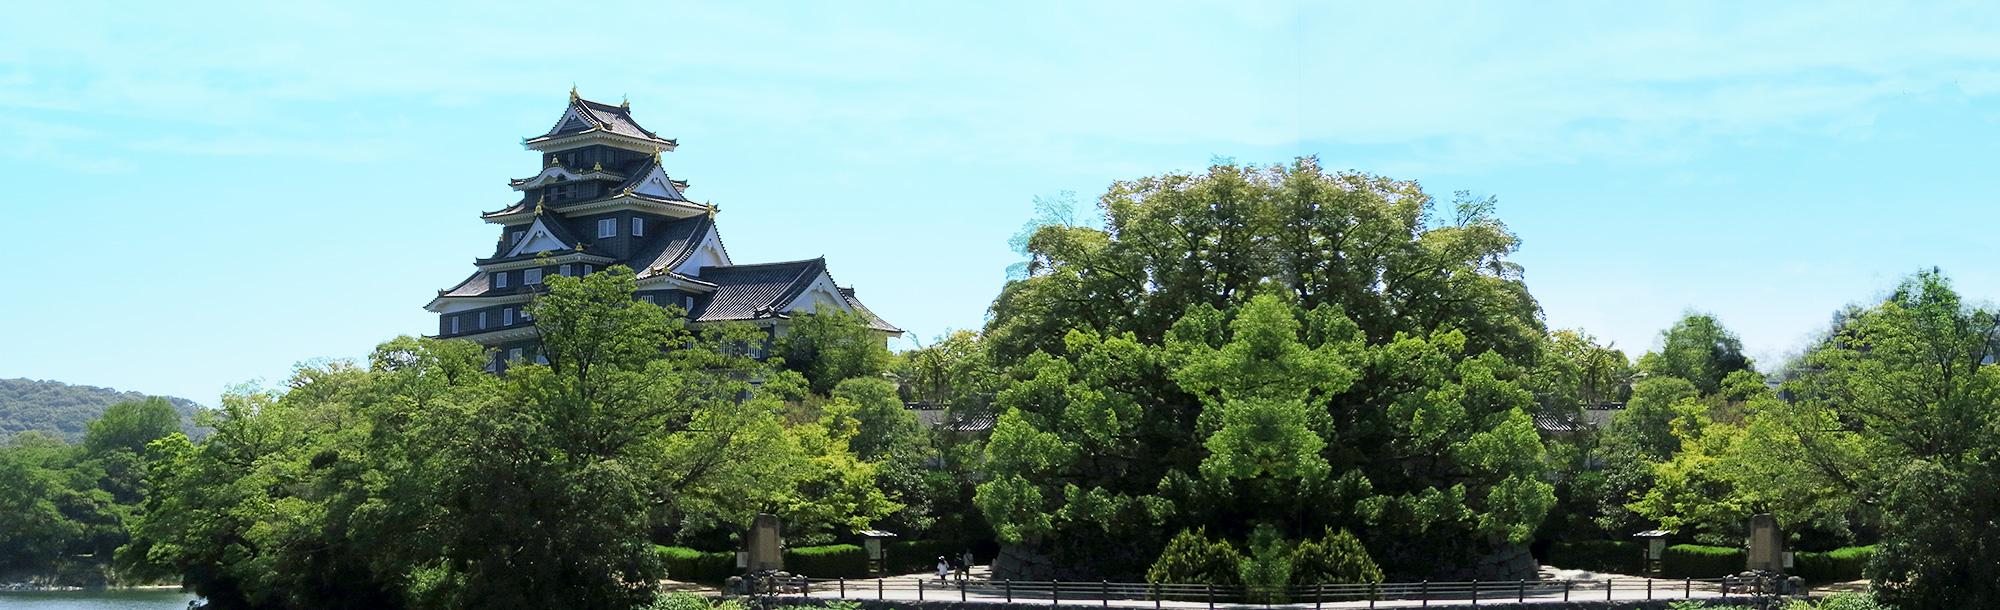 岡山県観光